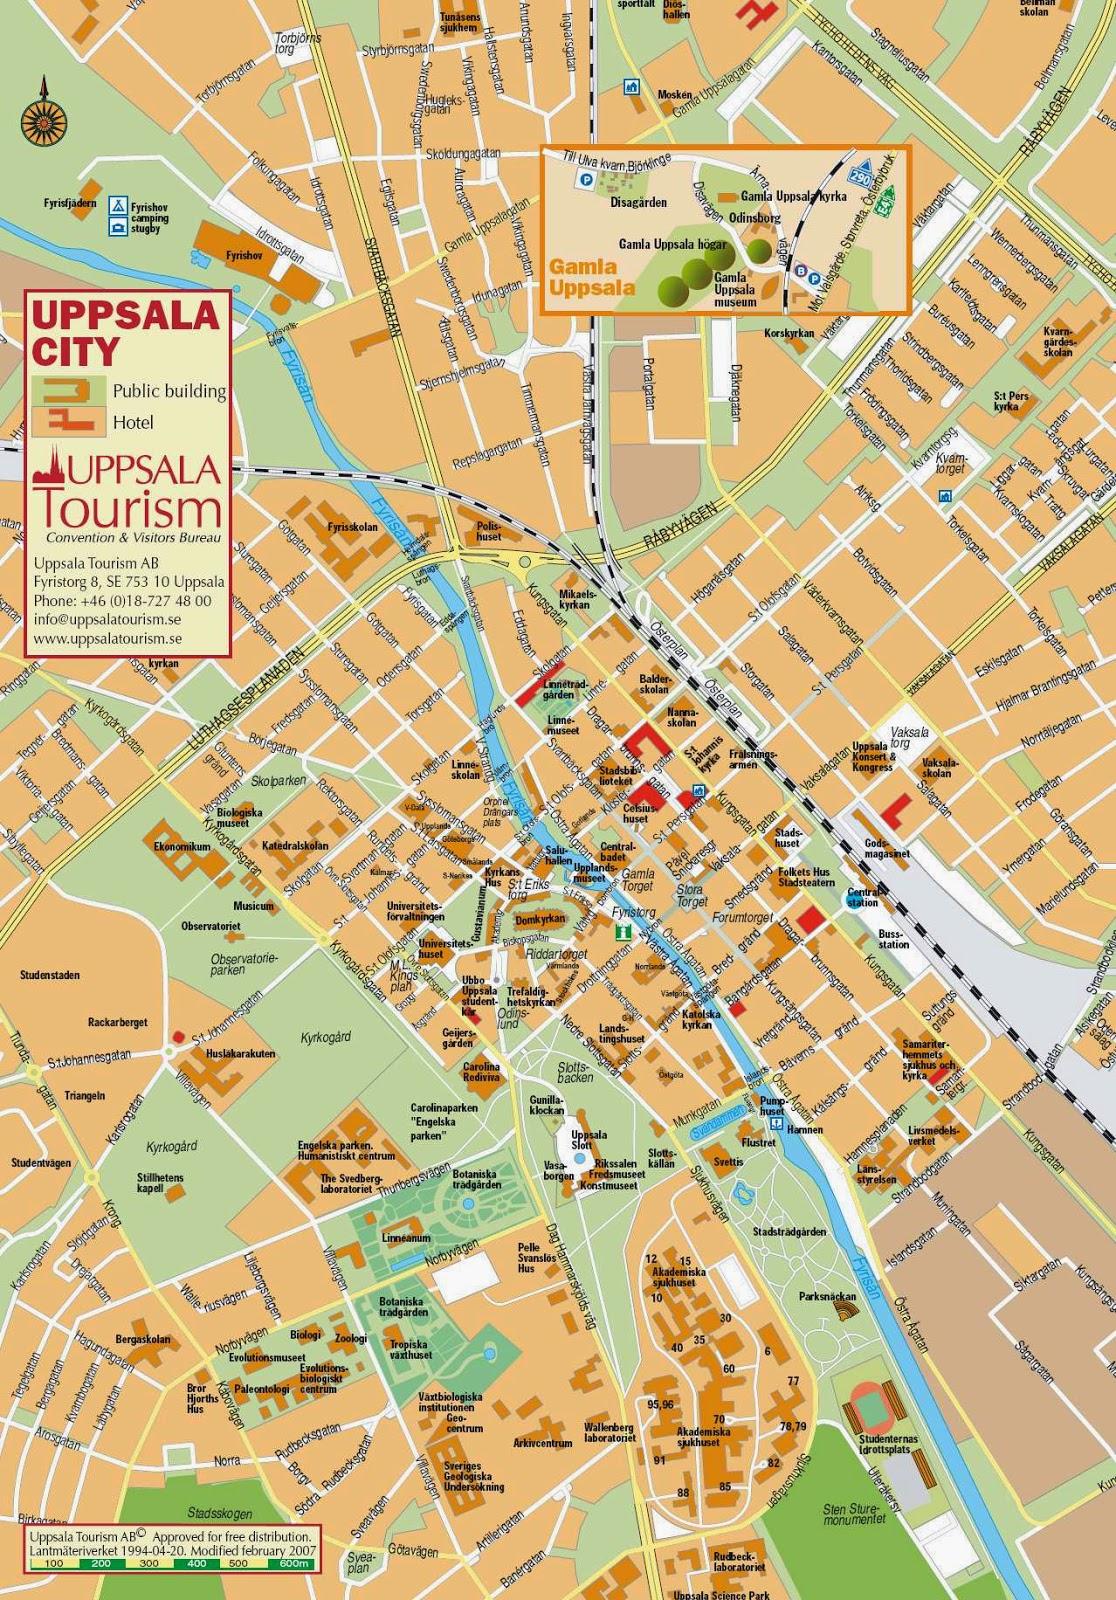 Mapa turistico de Uppsala. Visitando Suecia: Un dia en Uppsala